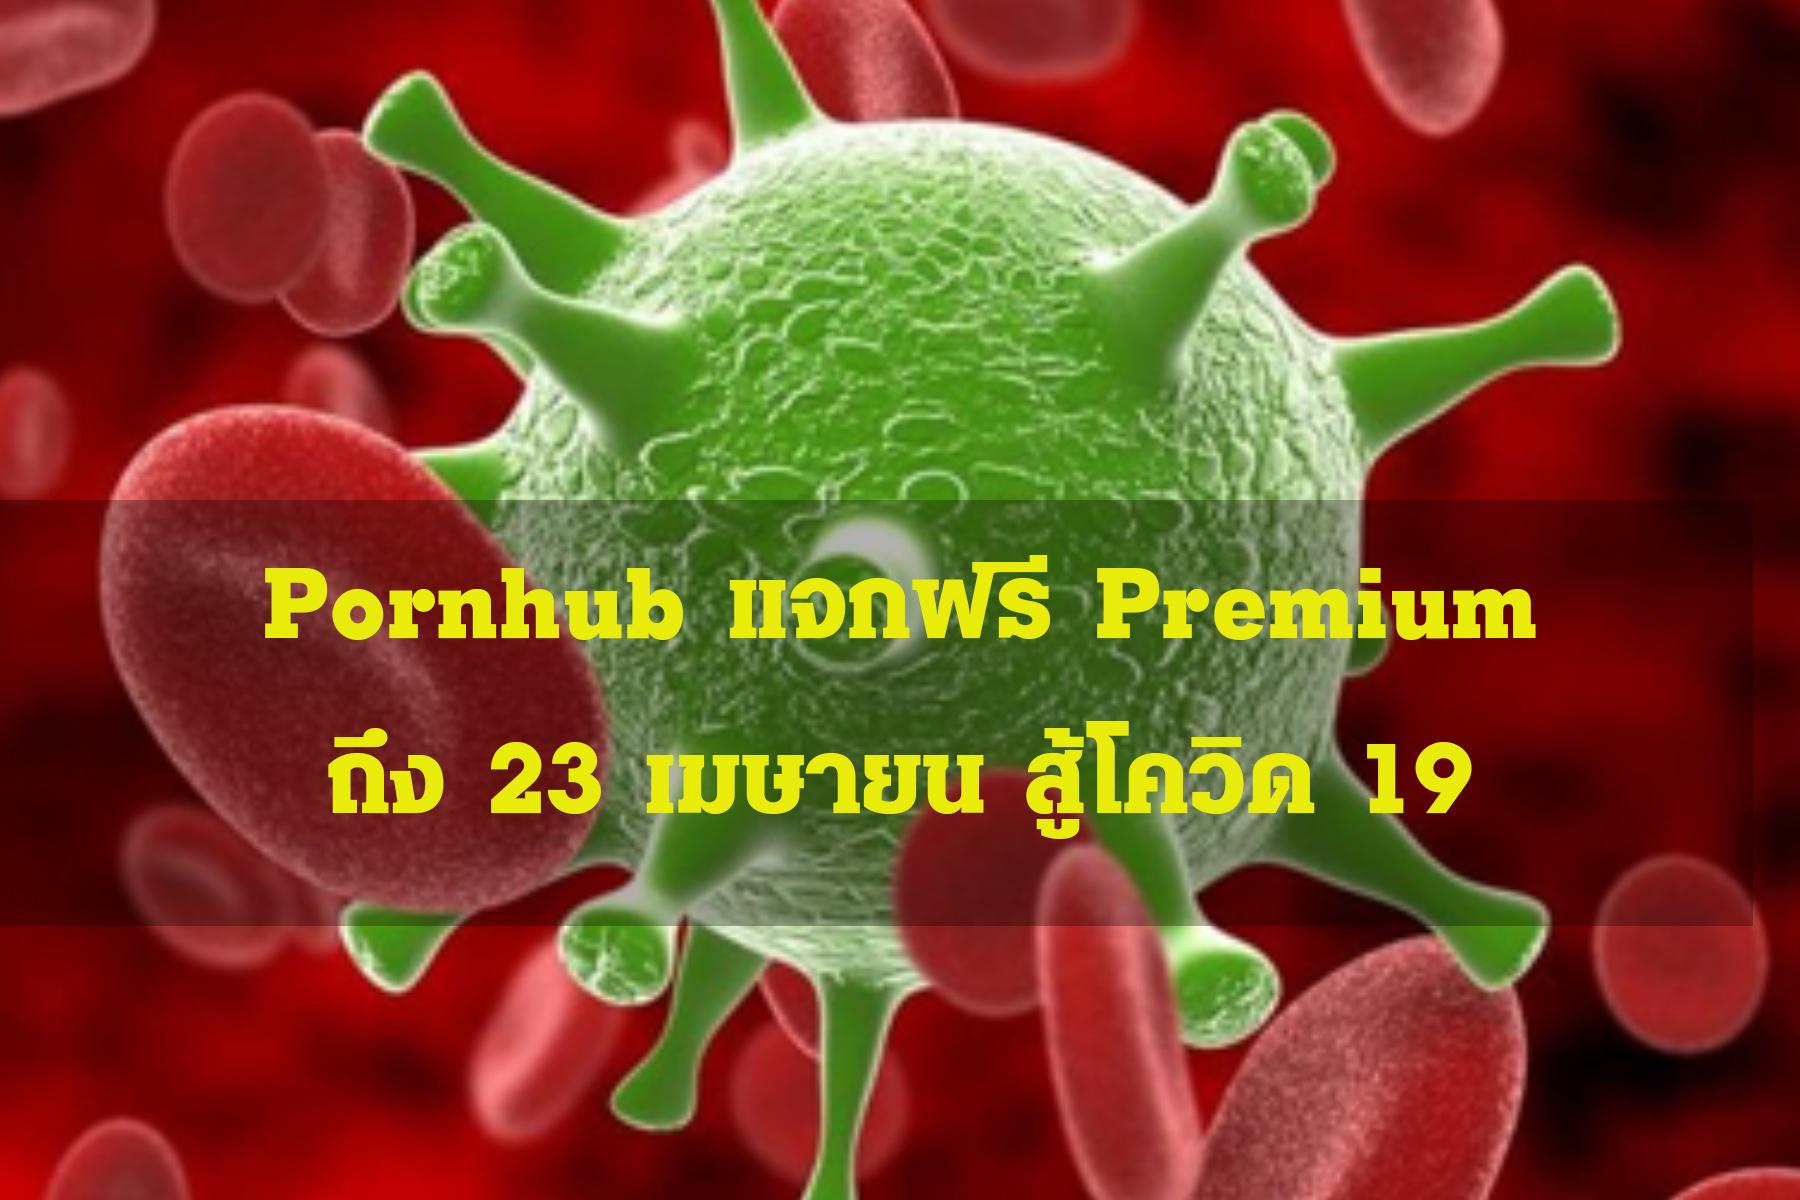 Pornhub แจกฟรี Premium ยาวเลยถึง 23 เมษายน สู้โควิด 19